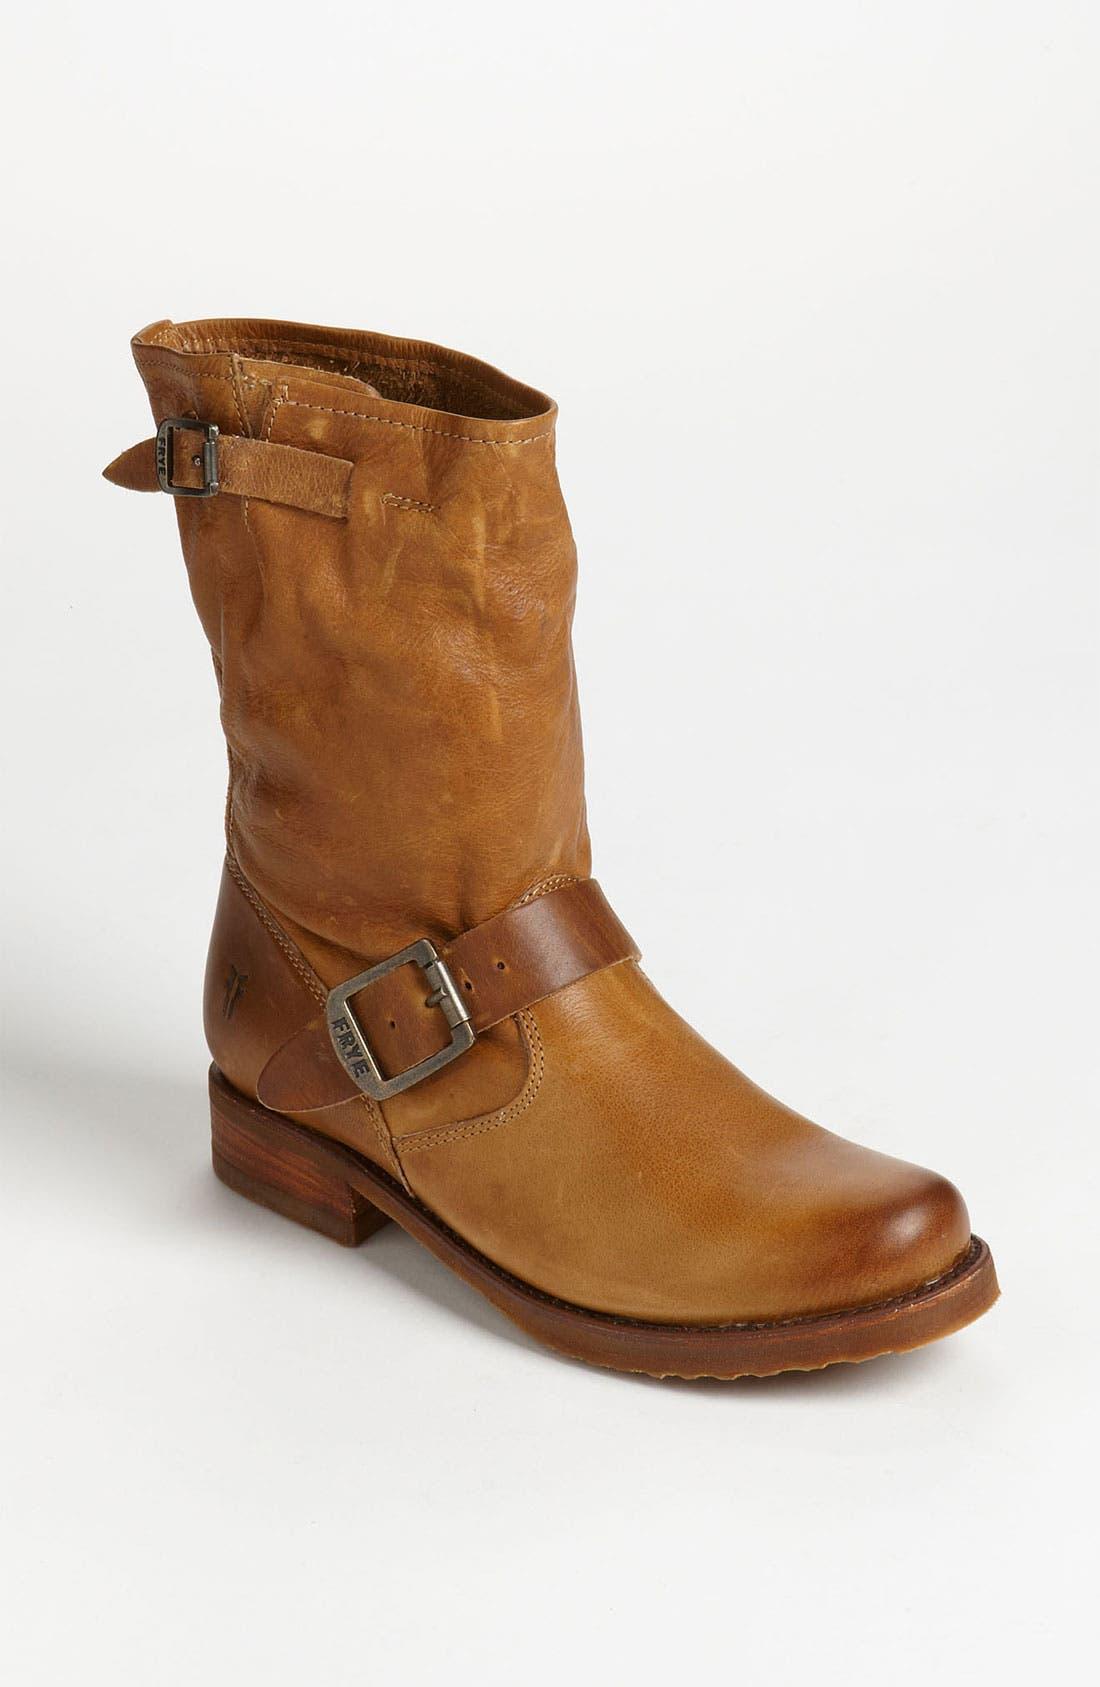 Main Image - Frye 'Veronica Short' Slouchy Boot (Women)